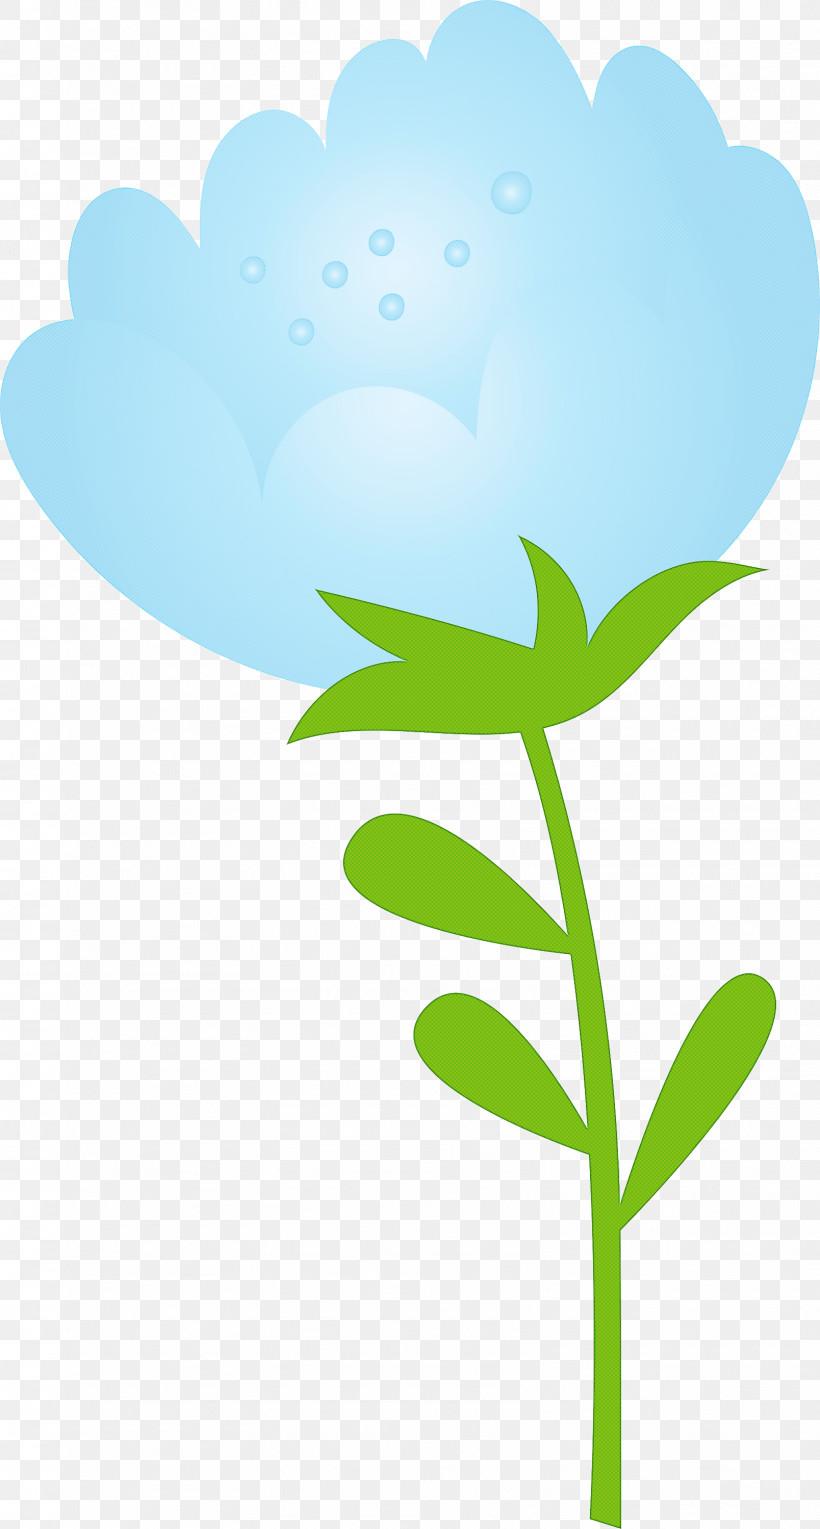 Leaf Green Plant Flower Plant Stem, PNG, 1608x2999px, Spring Flower, Cartoon, Flower, Green, Leaf Download Free